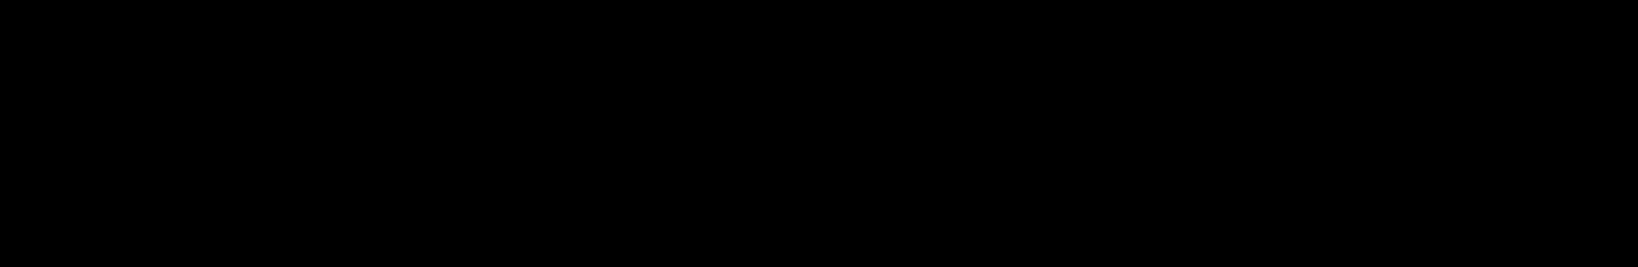 Darstellung der verschiedenen Aggregatzustände von Wasser , sowie der Prozesse beim Wechsel des Aggregatzustandes